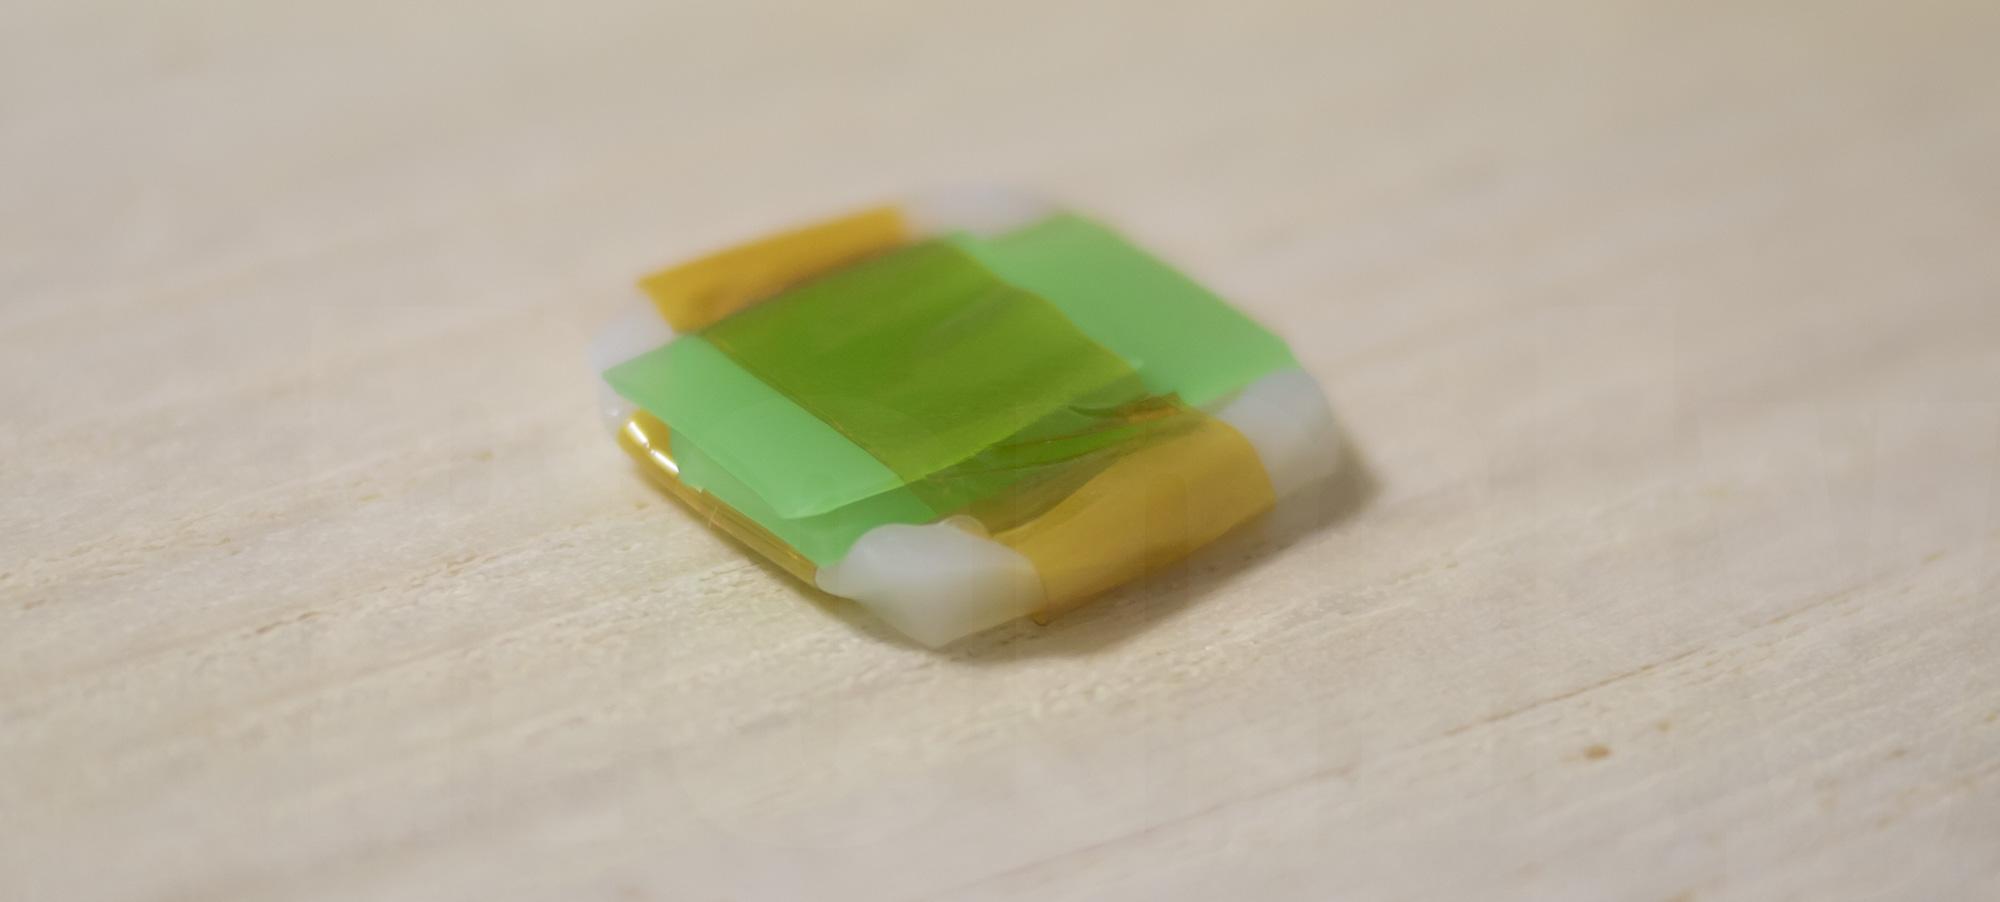 Keycap dye-sub... LOL